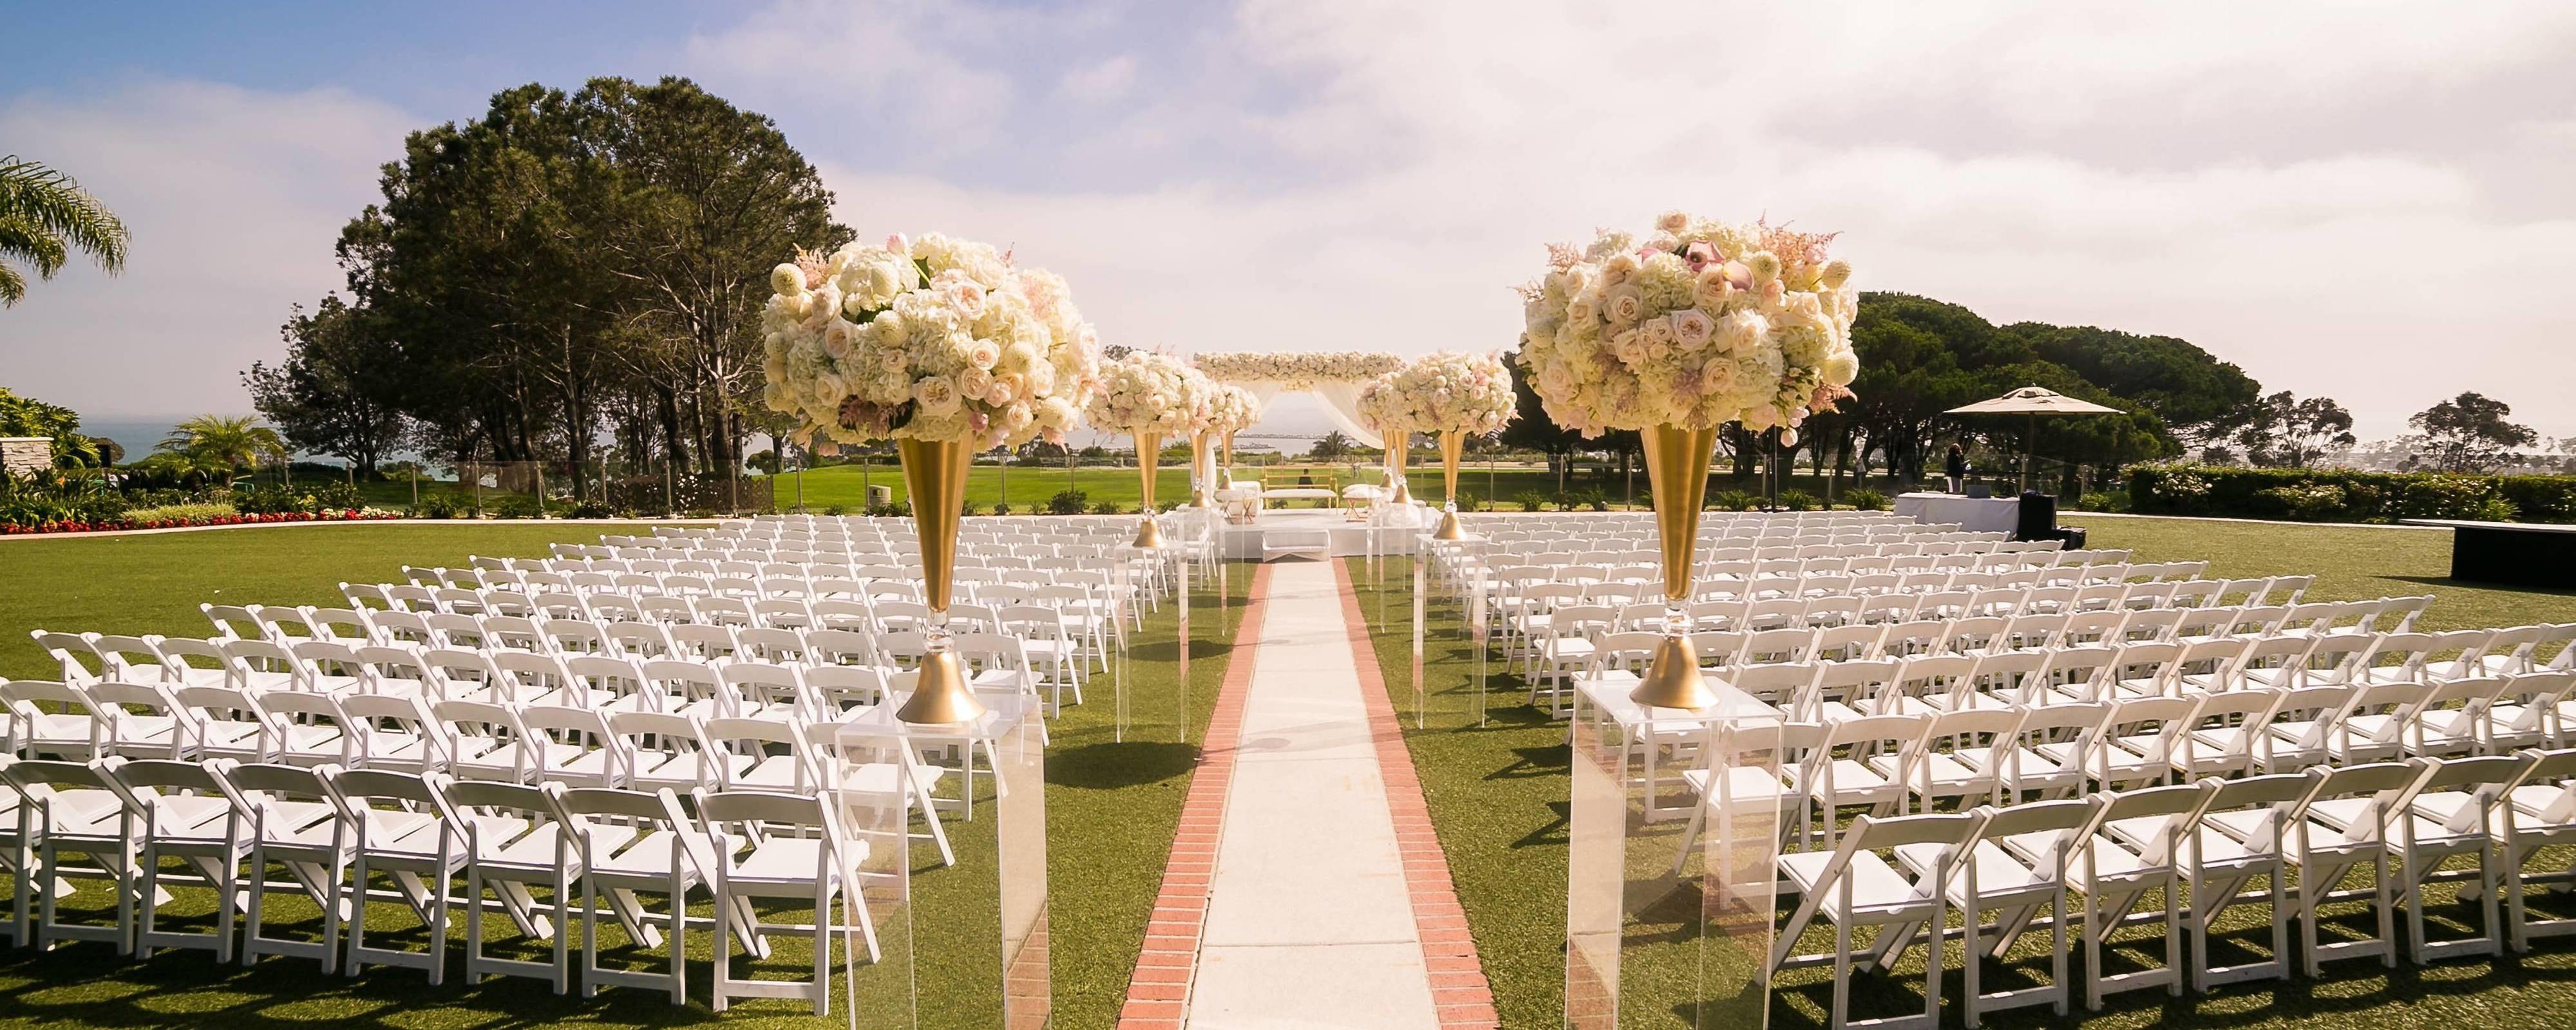 Dana Point Wedding Venues By Laguna Beach Laguna Cliffs Marriott